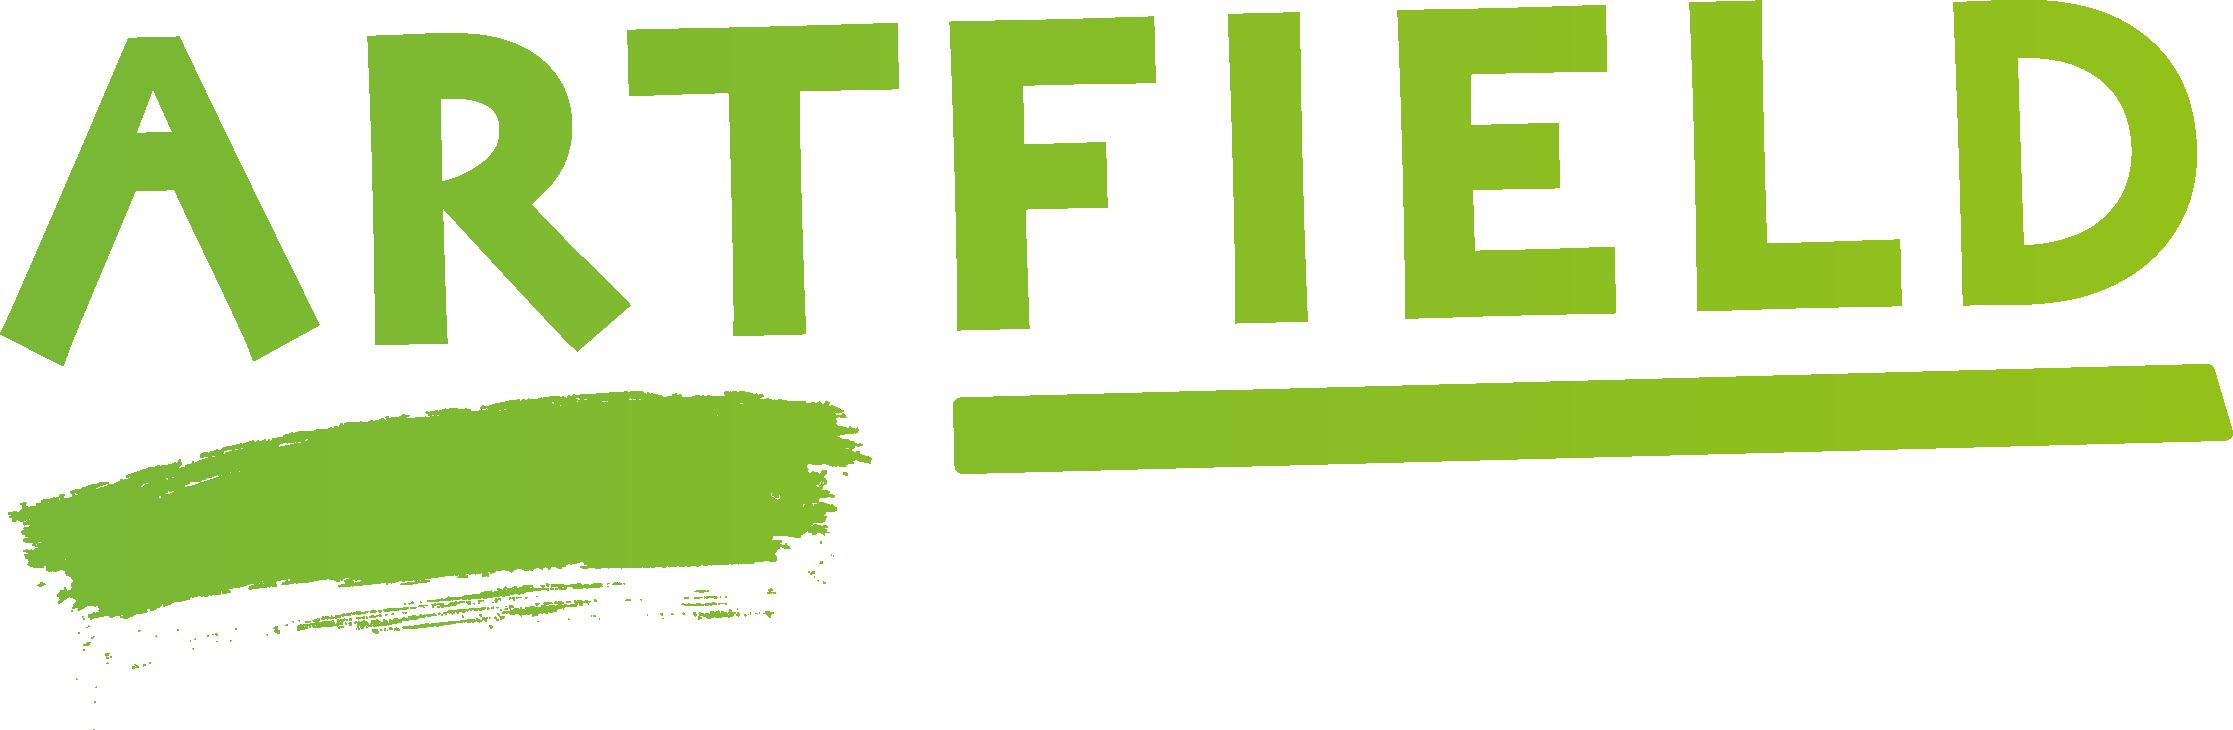 Artfield – Landart & Naturkunst